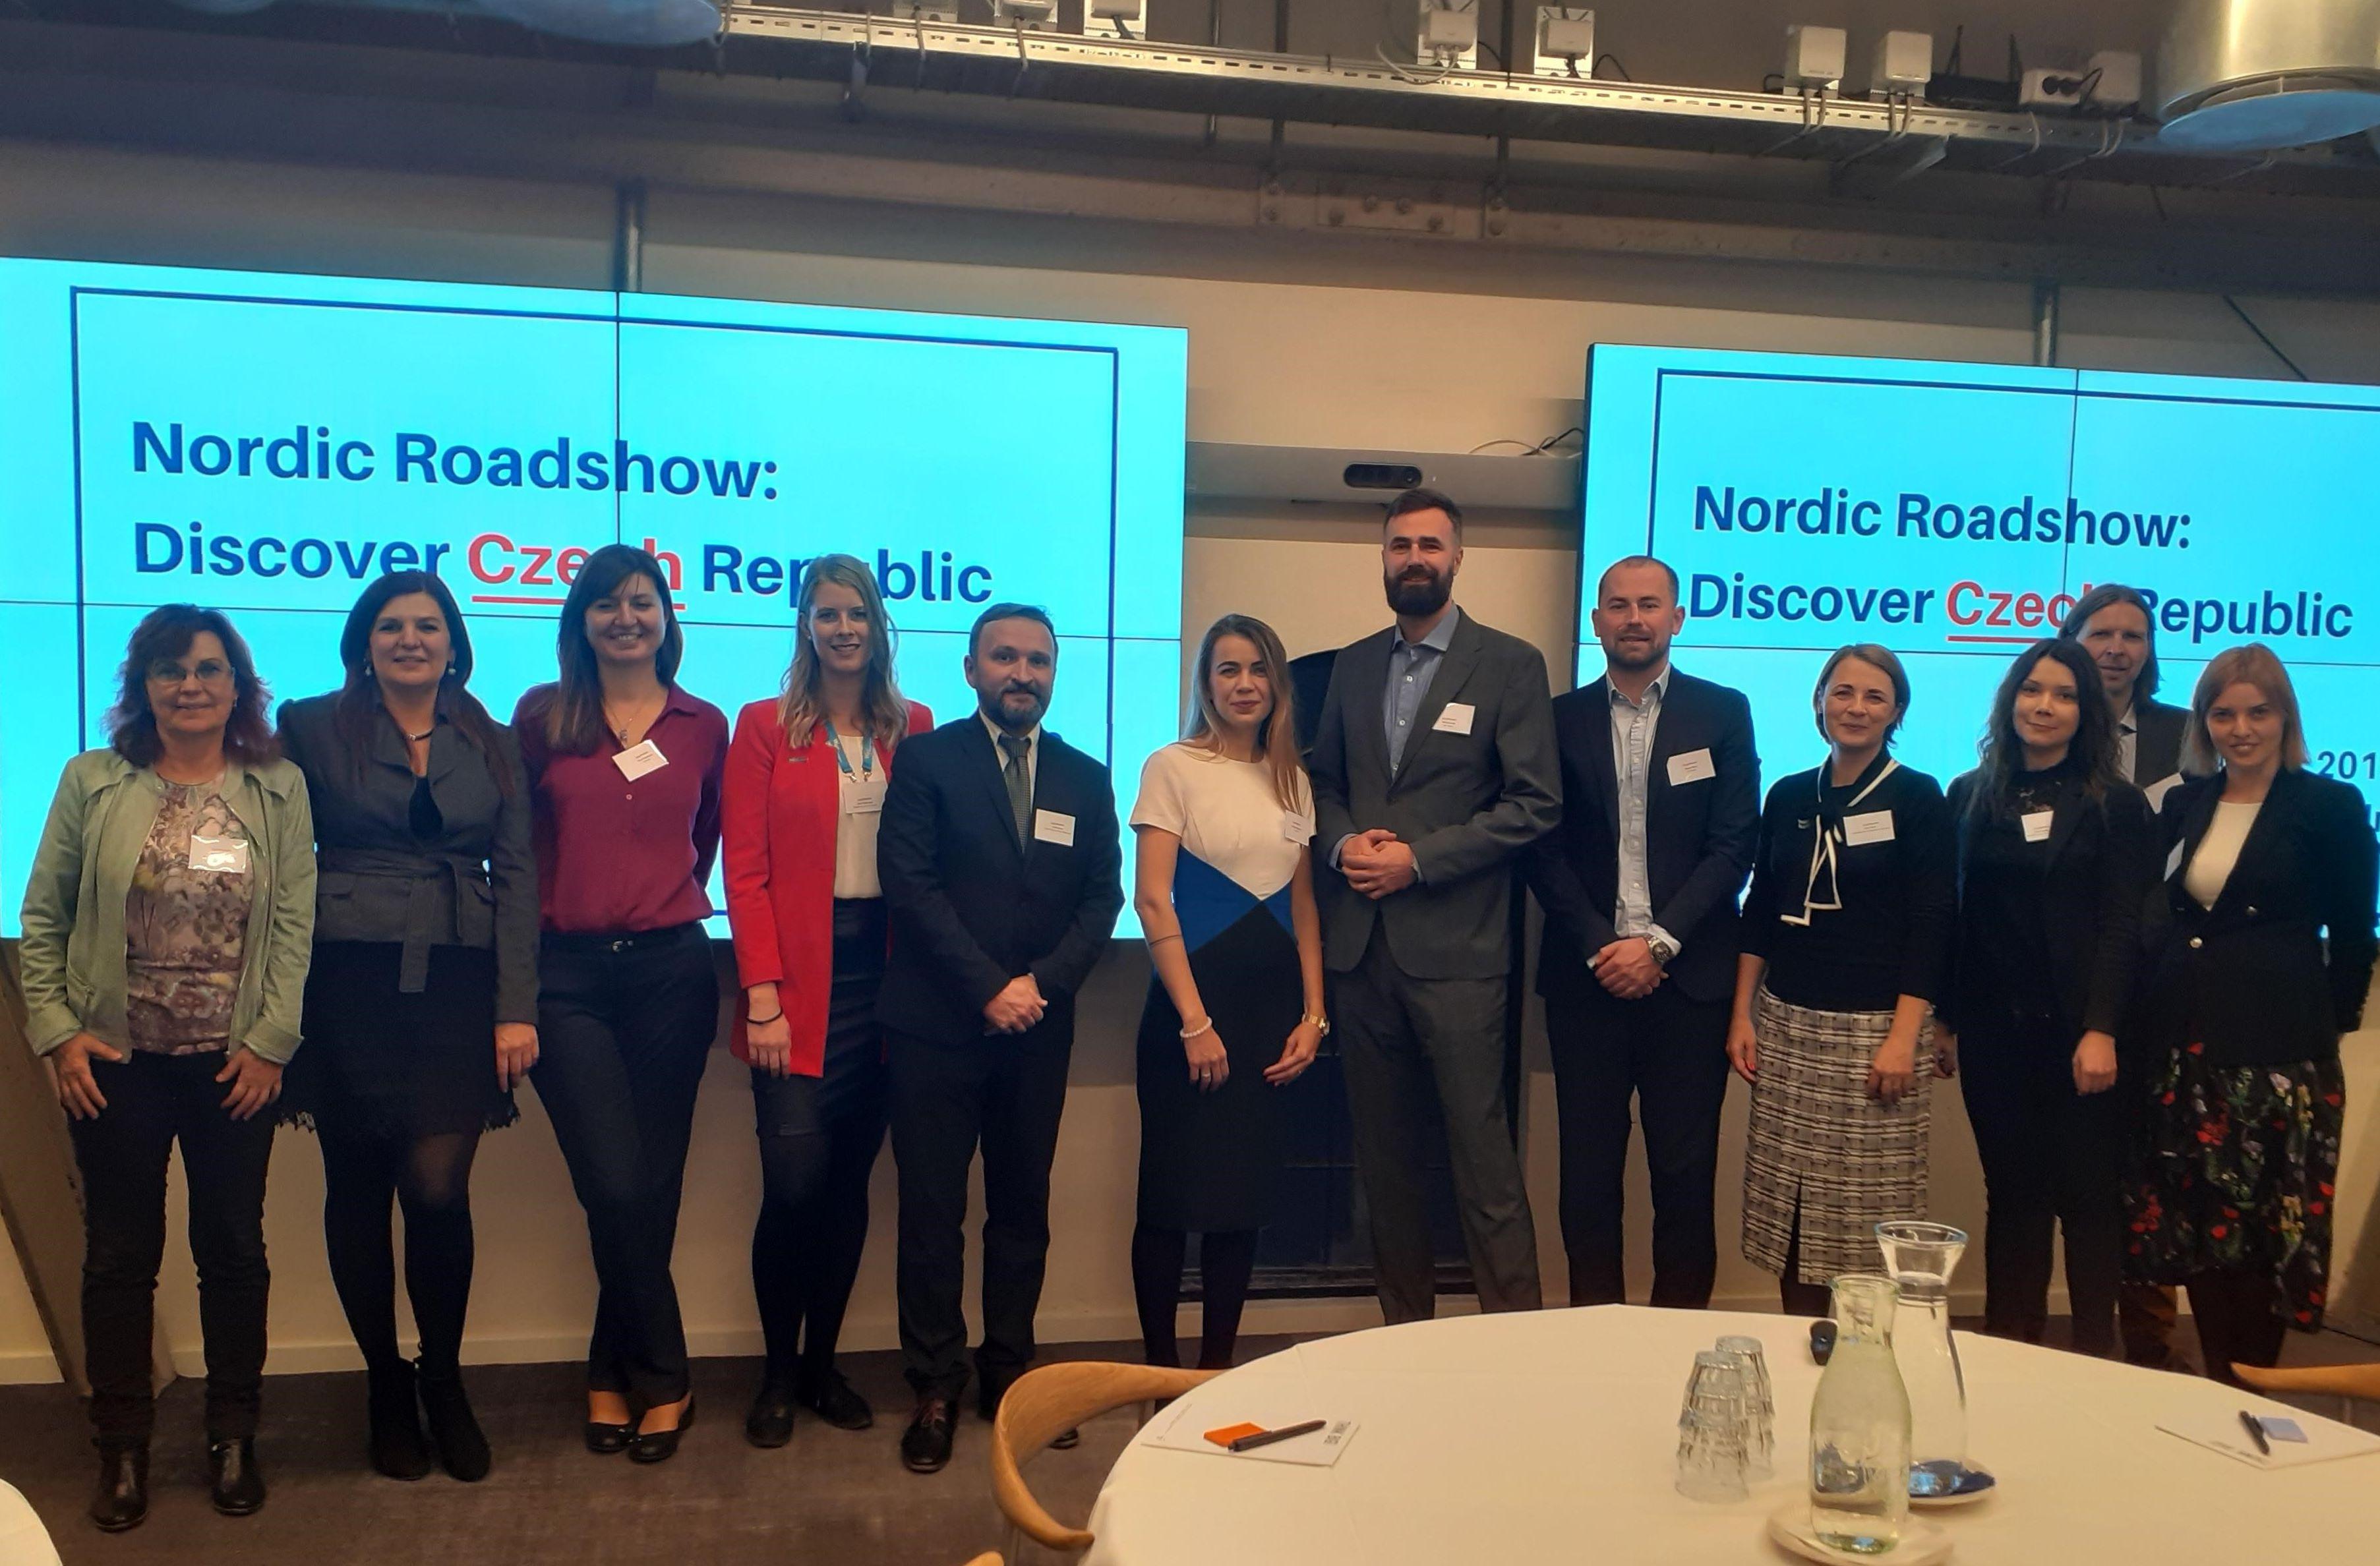 De tjekkiske partnere fotograferet før starten på tirsdagens workshop i København. Foto: Target Tourism.